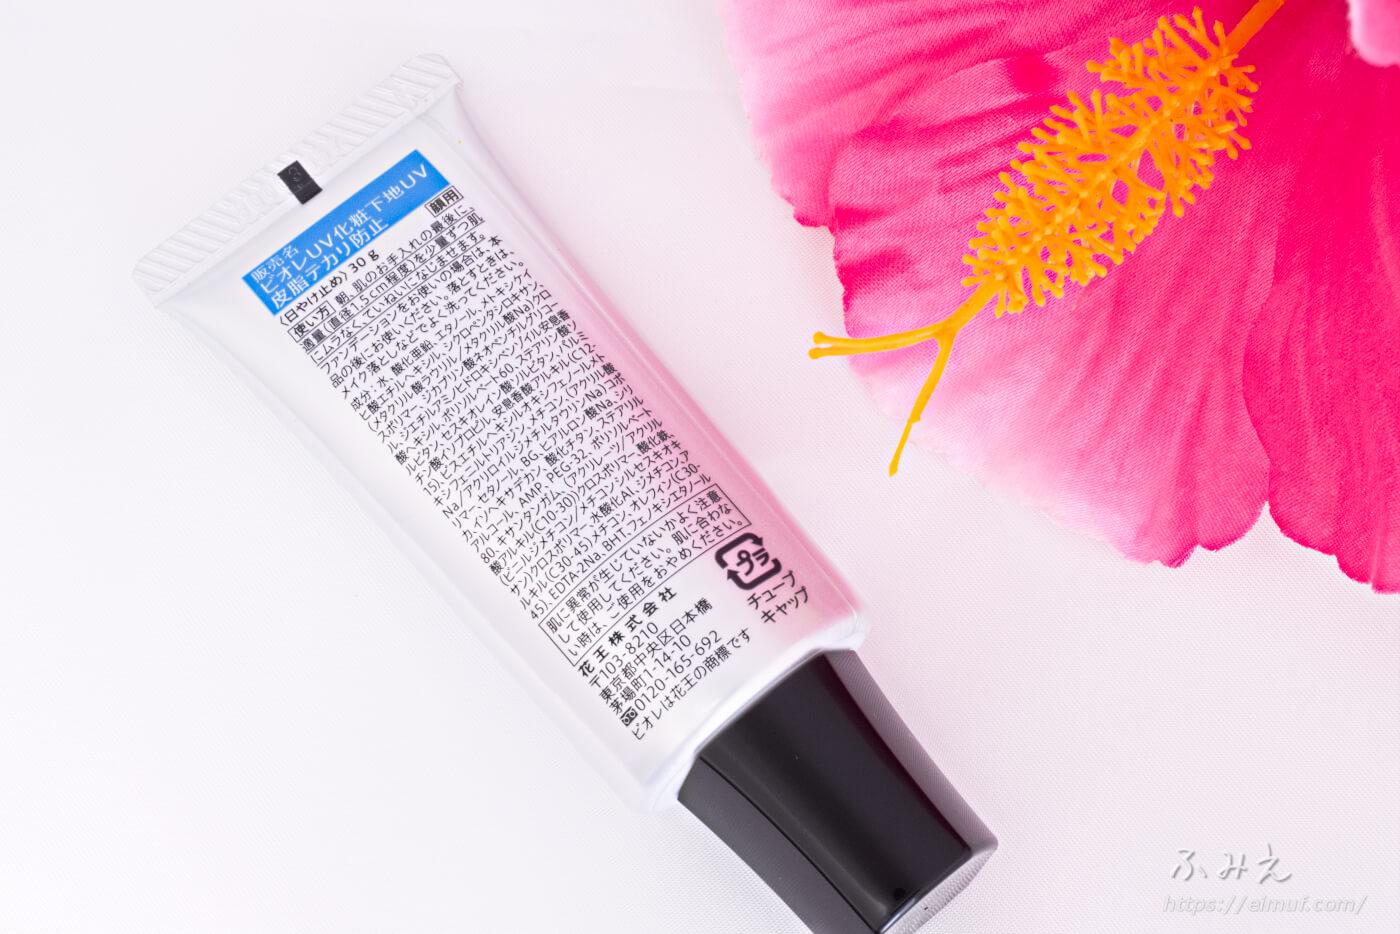 ビオレUV SPF50+の化粧下地UV (皮脂テカリ防止タイプ) 本体裏面